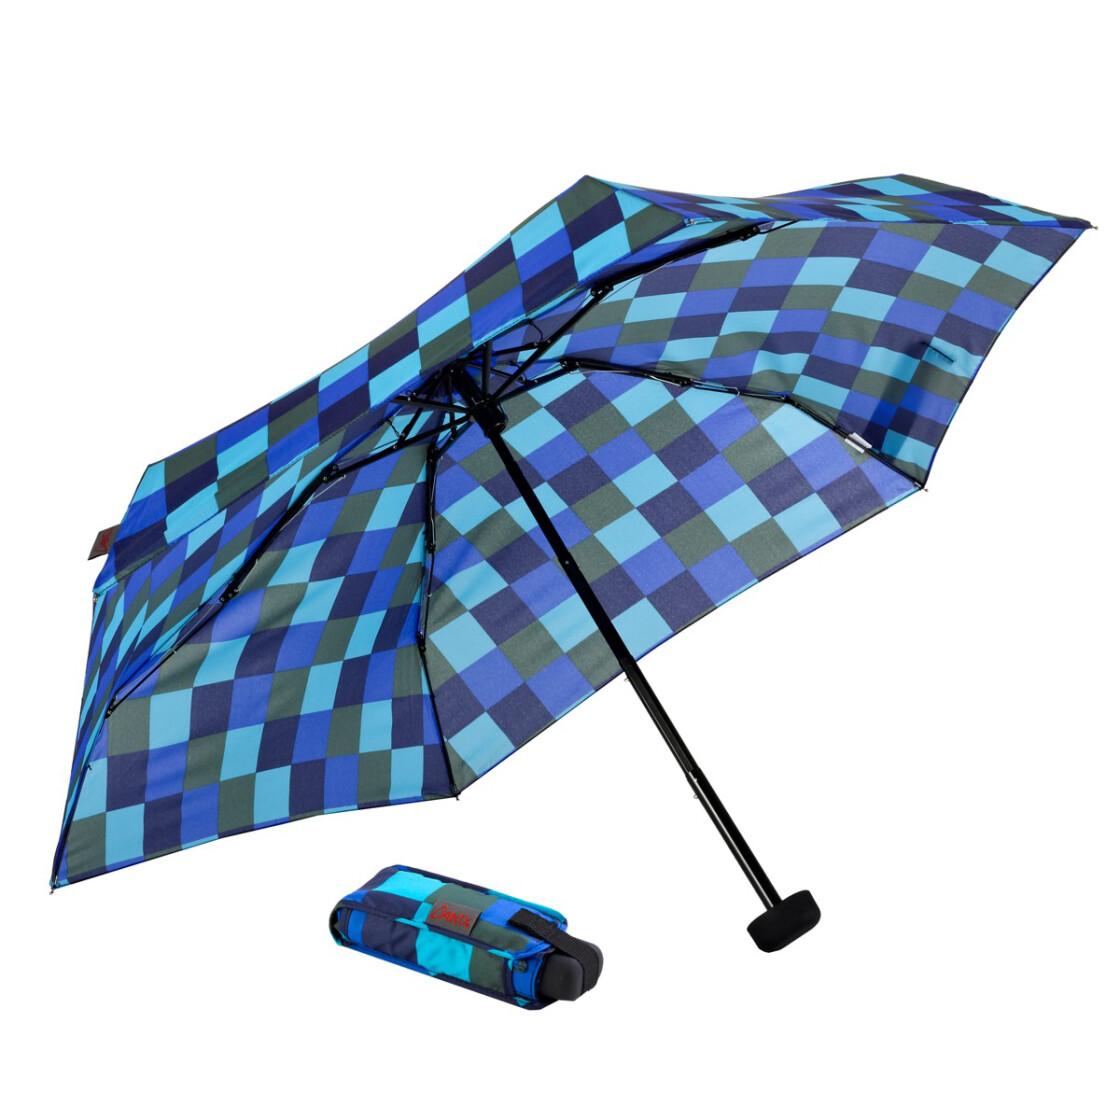 euroschirm taschenschirm dainty cws1 blaut ne kariert outdoor. Black Bedroom Furniture Sets. Home Design Ideas